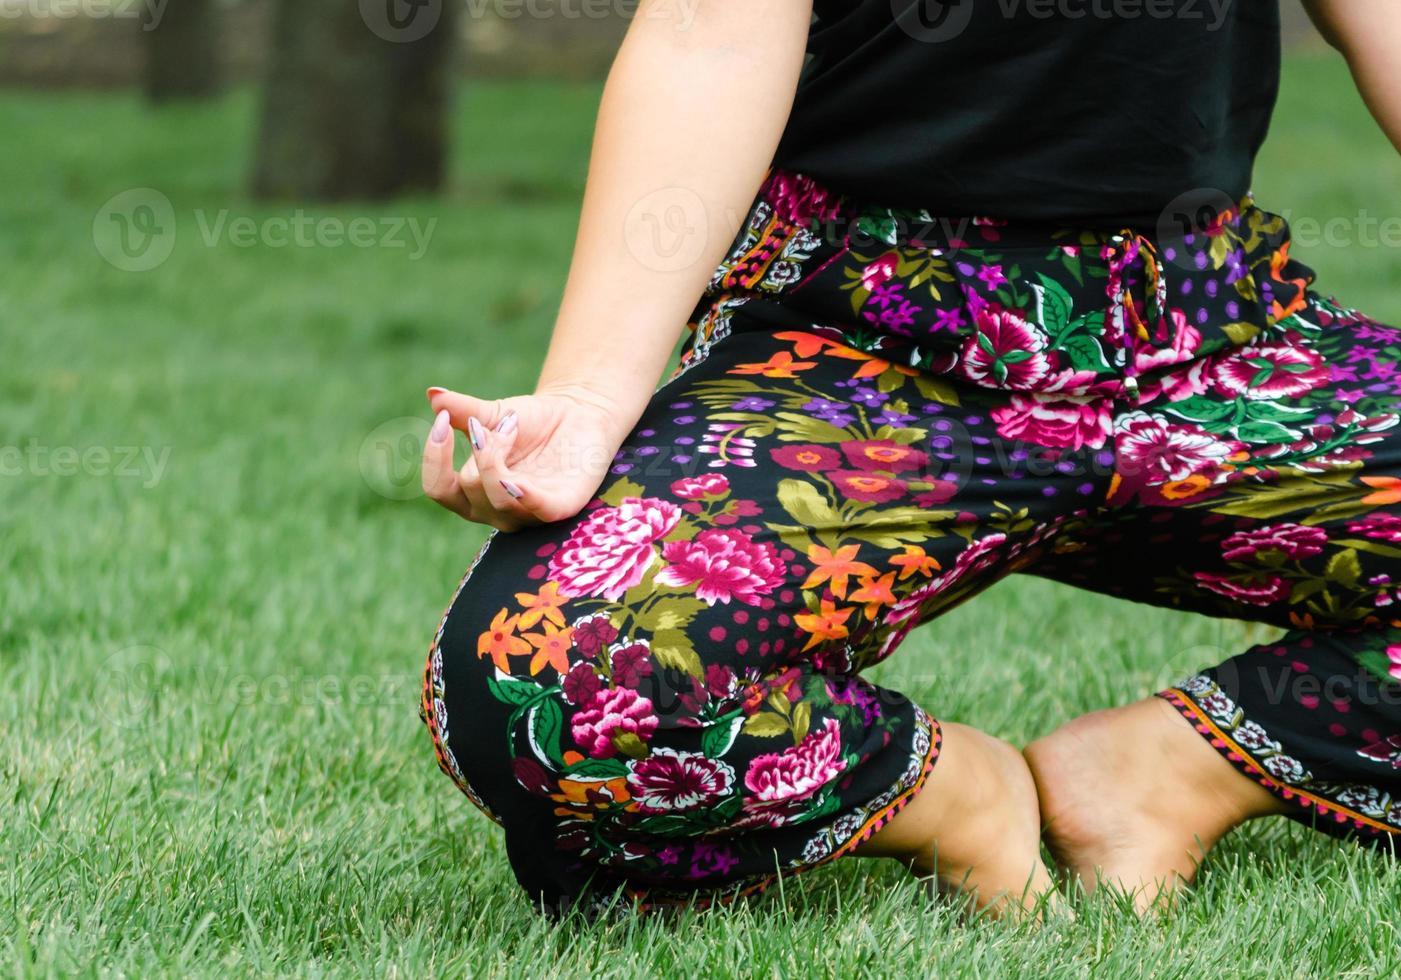 gros plan, de, a, femme, dans, a, pose yoga, sur, herbe verte photo